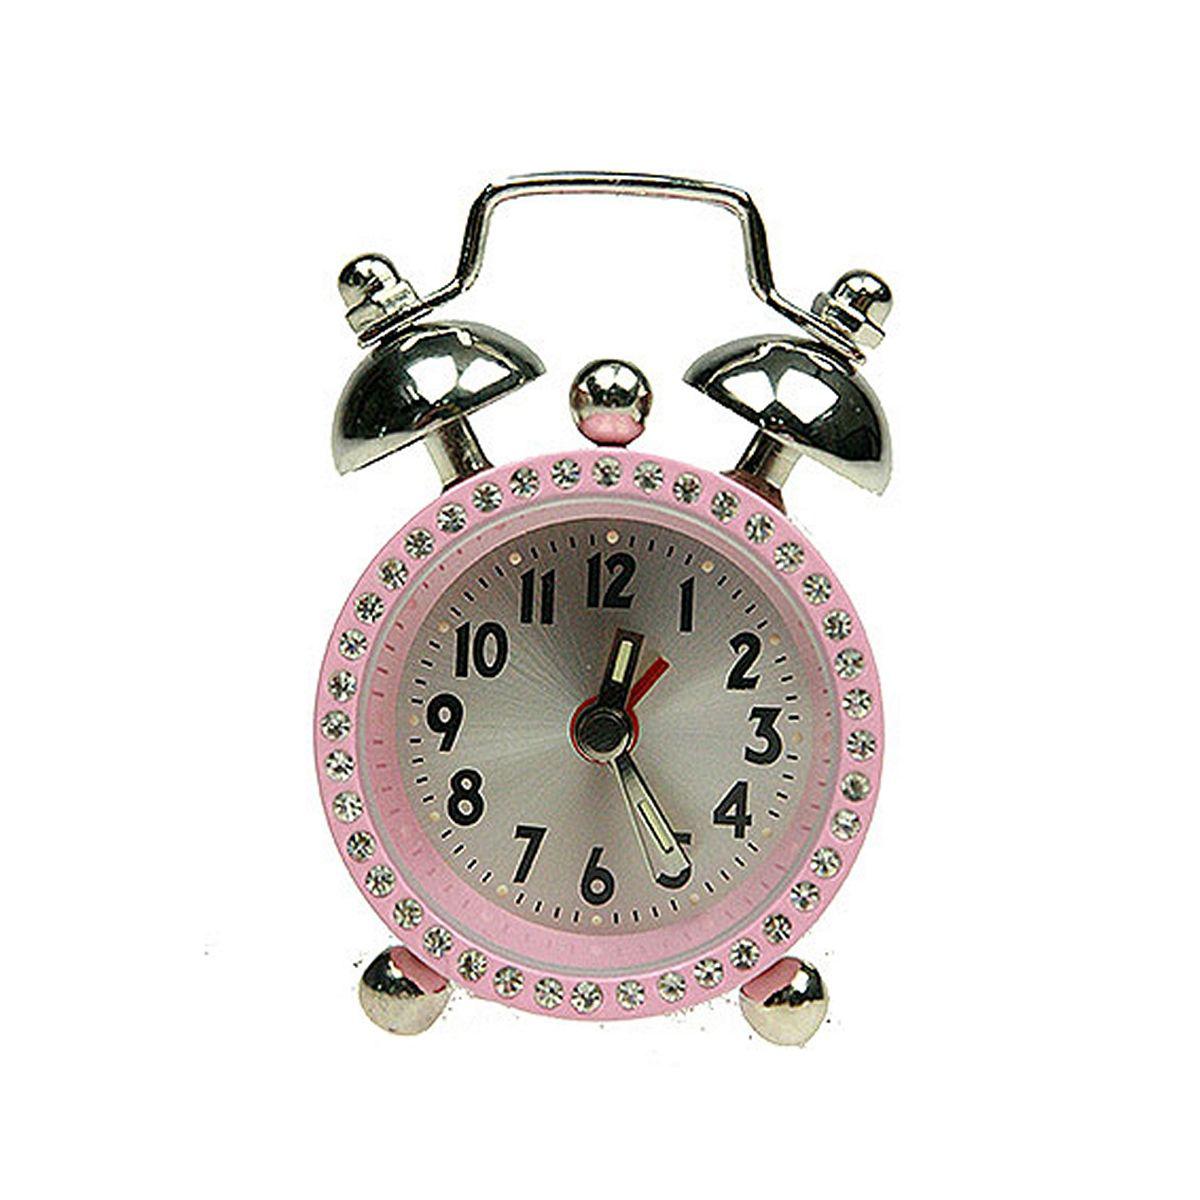 Часы настольные Русские Подарки Будильник. 2243494672Настольные кварцевые часы Русские Подарки Будильник изготовлены из металла. Корпус оформлен стразами. Часы имеют три стрелки - часовую, минутную и стрелку завода.Изящные часы красиво и оригинально украсят интерьер дома или рабочий стол в офисе. Также часы могут стать уникальным, полезным подарком для родственников, коллег, знакомых и близких.Часы работают от батареек типа SR626 (в комплект не входят).